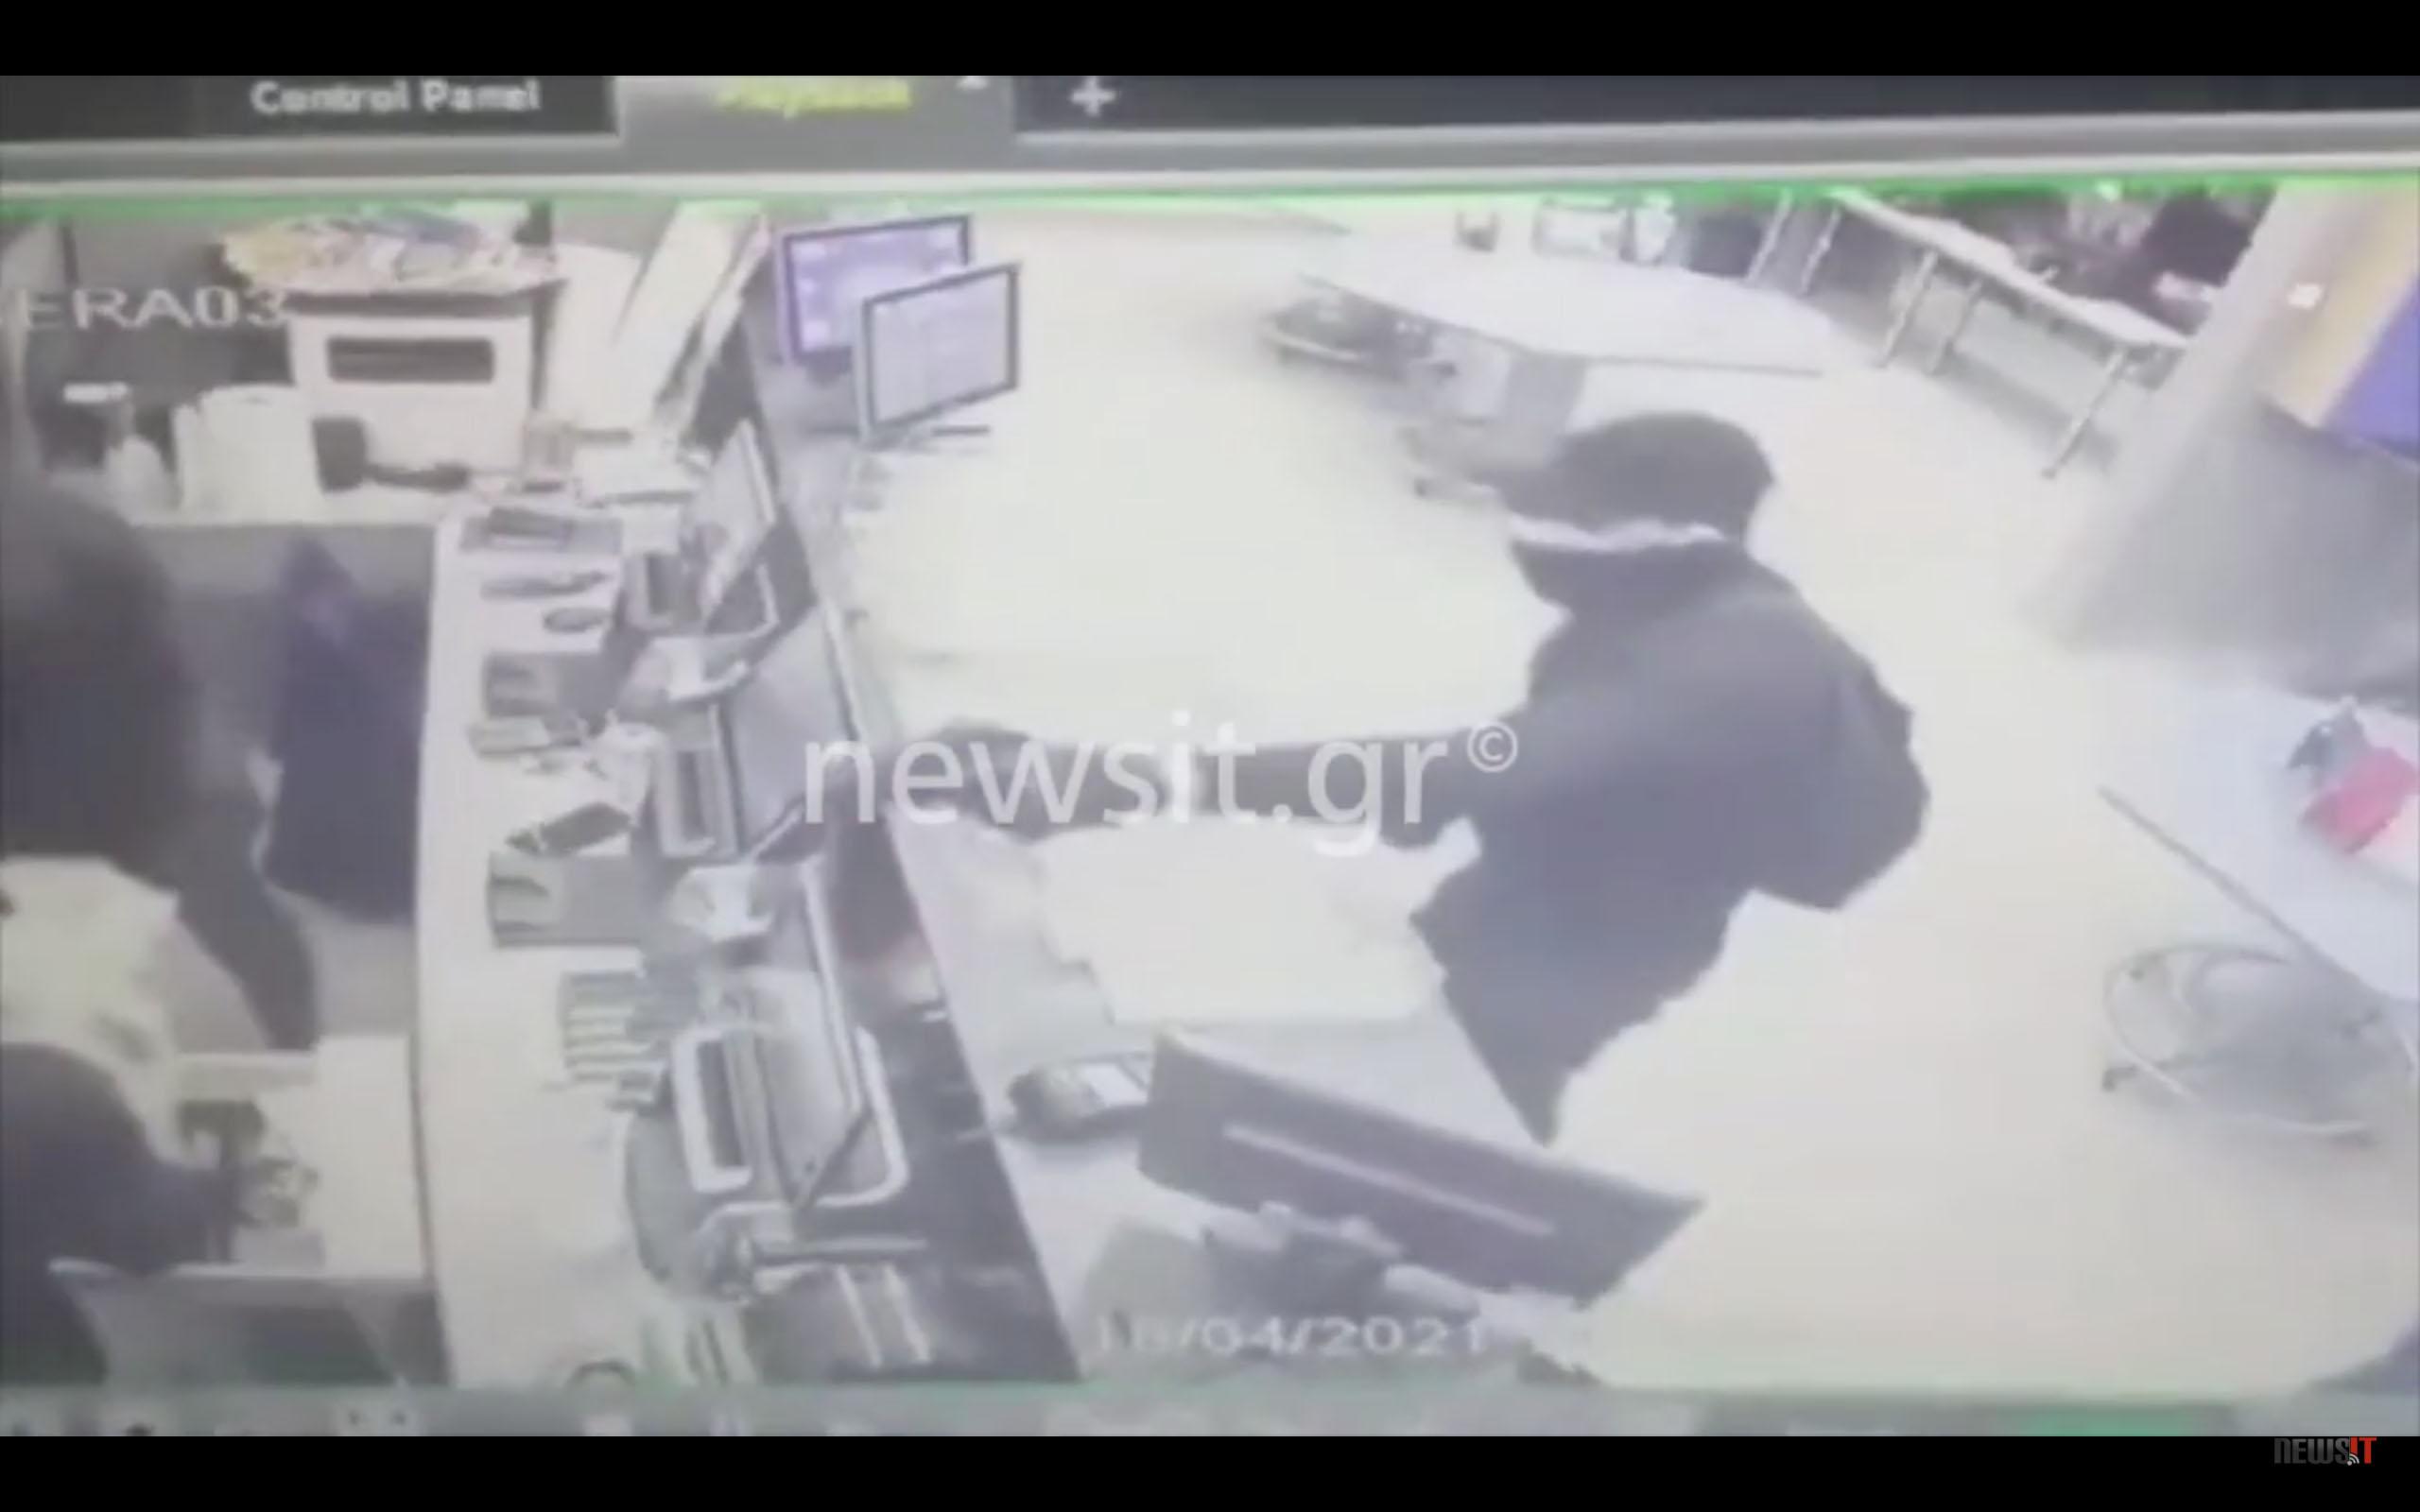 Ληστεία χιλιάδων ευρώ στην Κυψέλη σε 28 δευτερόλεπτα – Βίντεο ντοκουμέντο